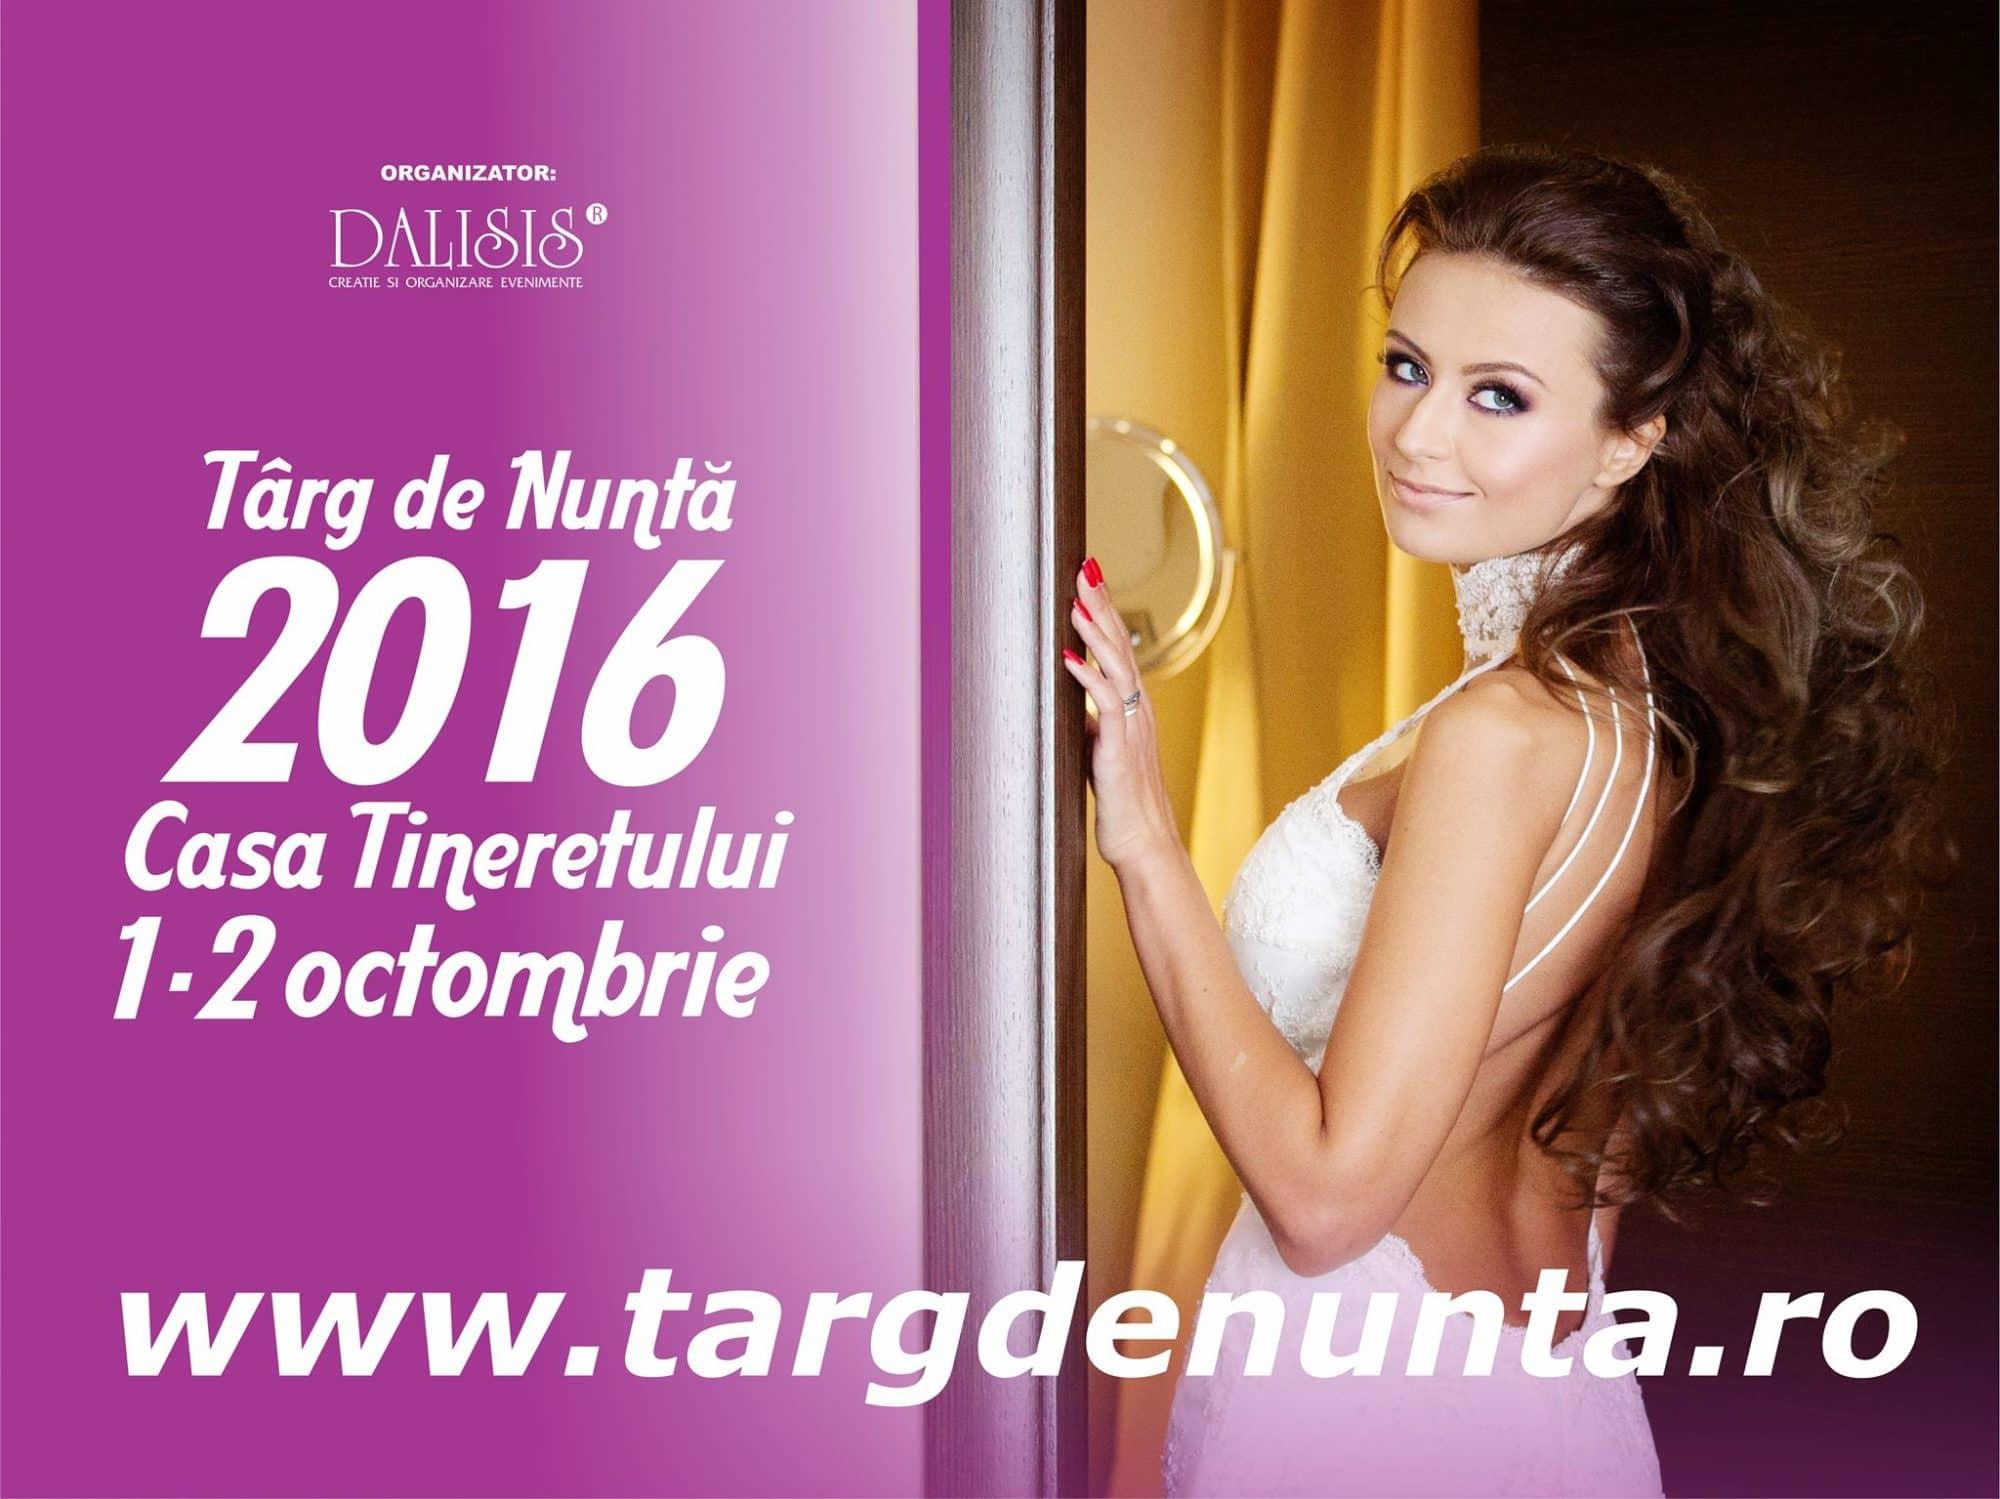 - Timișoara: Târg de Nuntă Dalisis - 1-2 Octombrie 2016